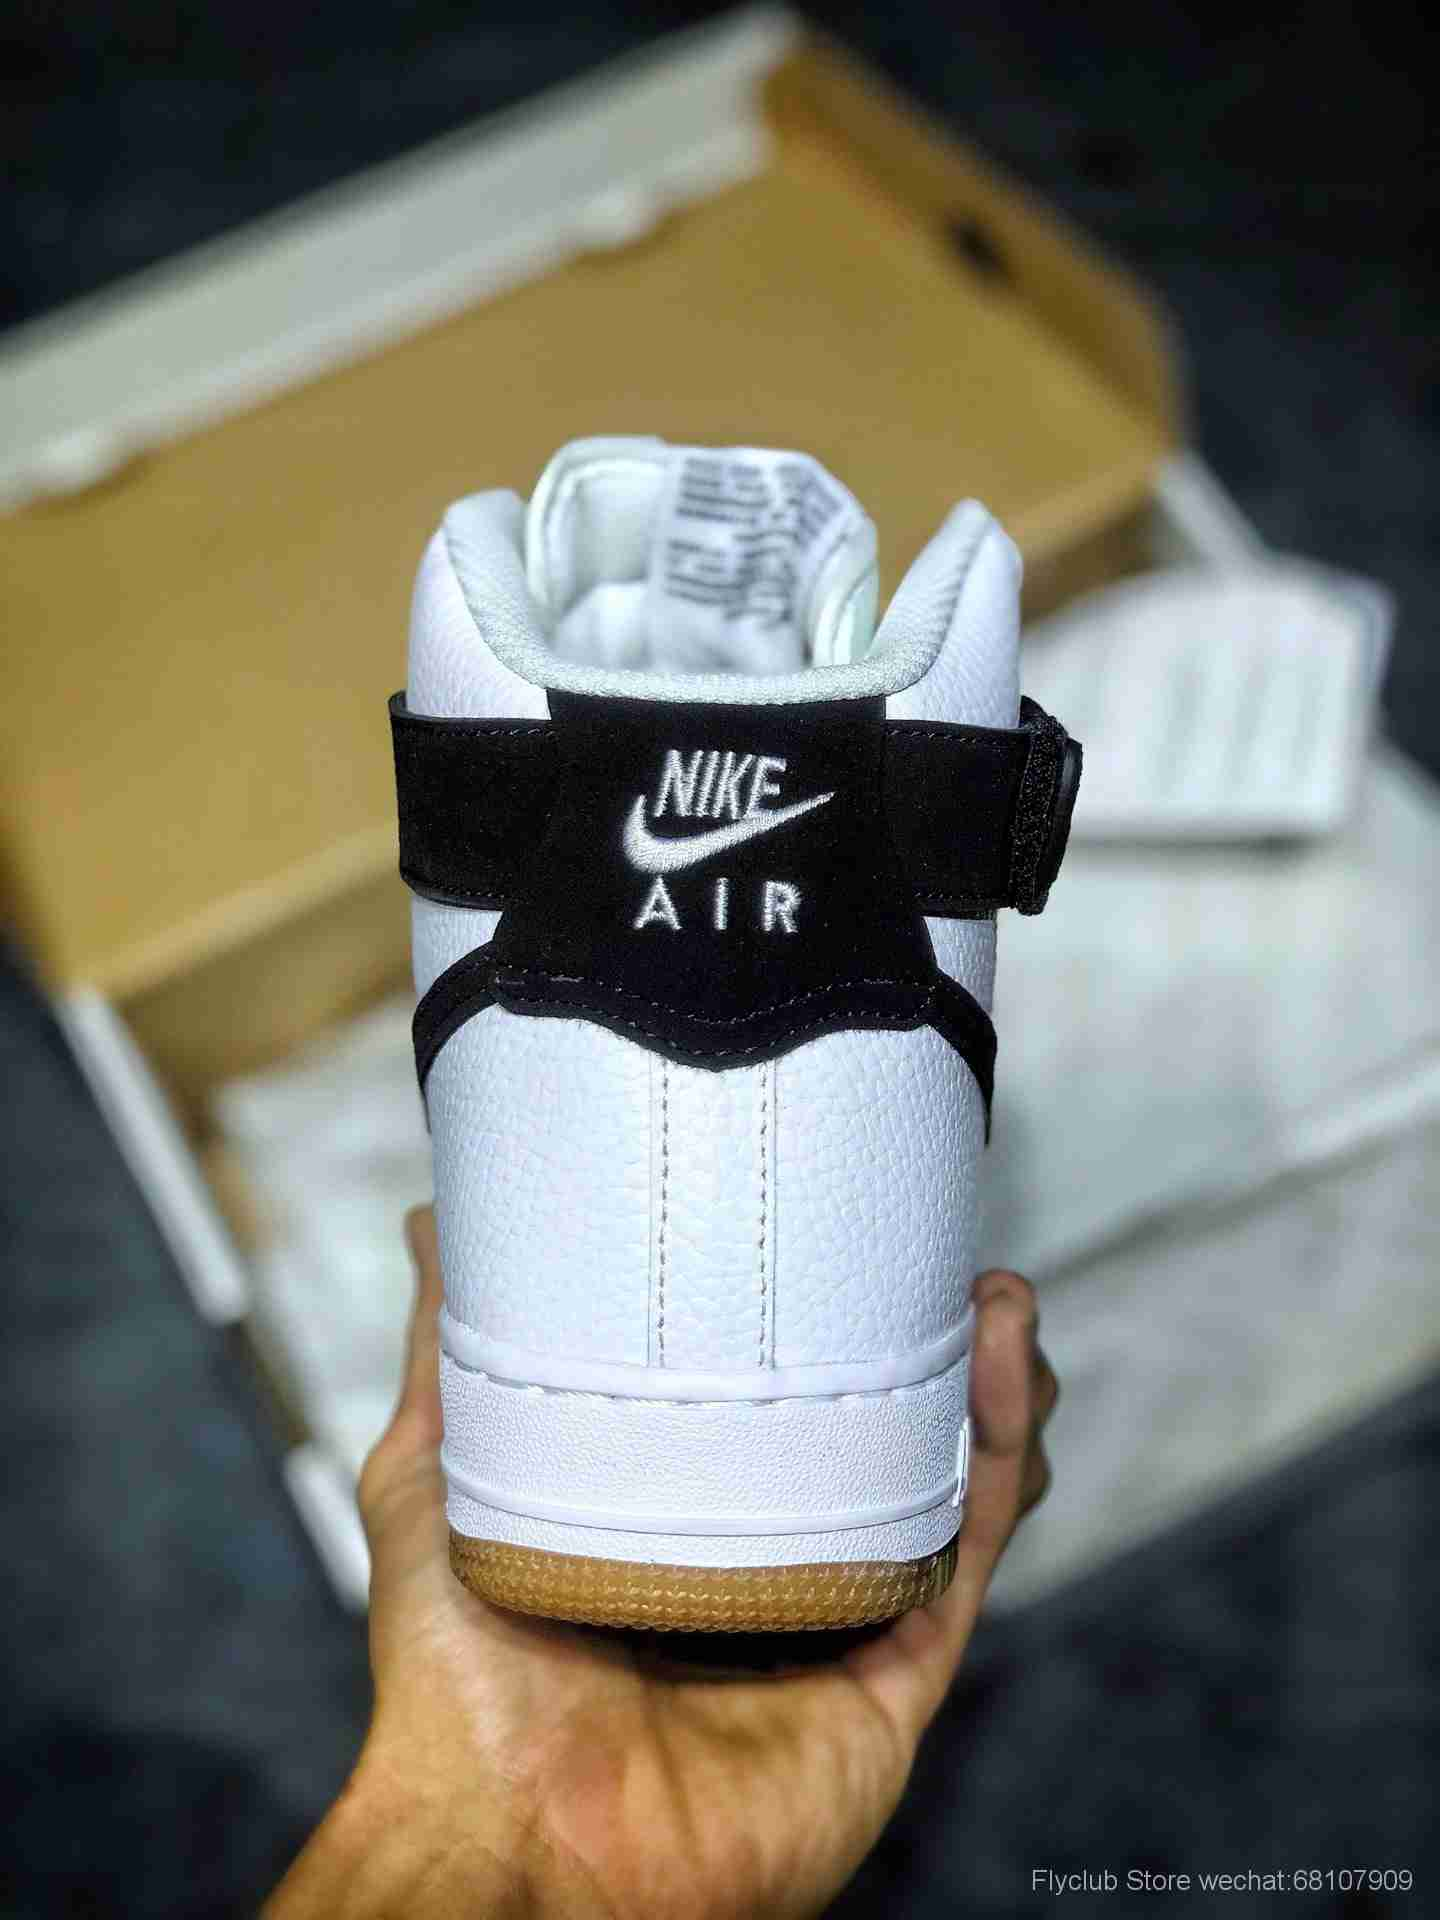 Nike Air Force 1 '07 全新配色硬质头层牛皮革#空军一号高帮AT7653-100